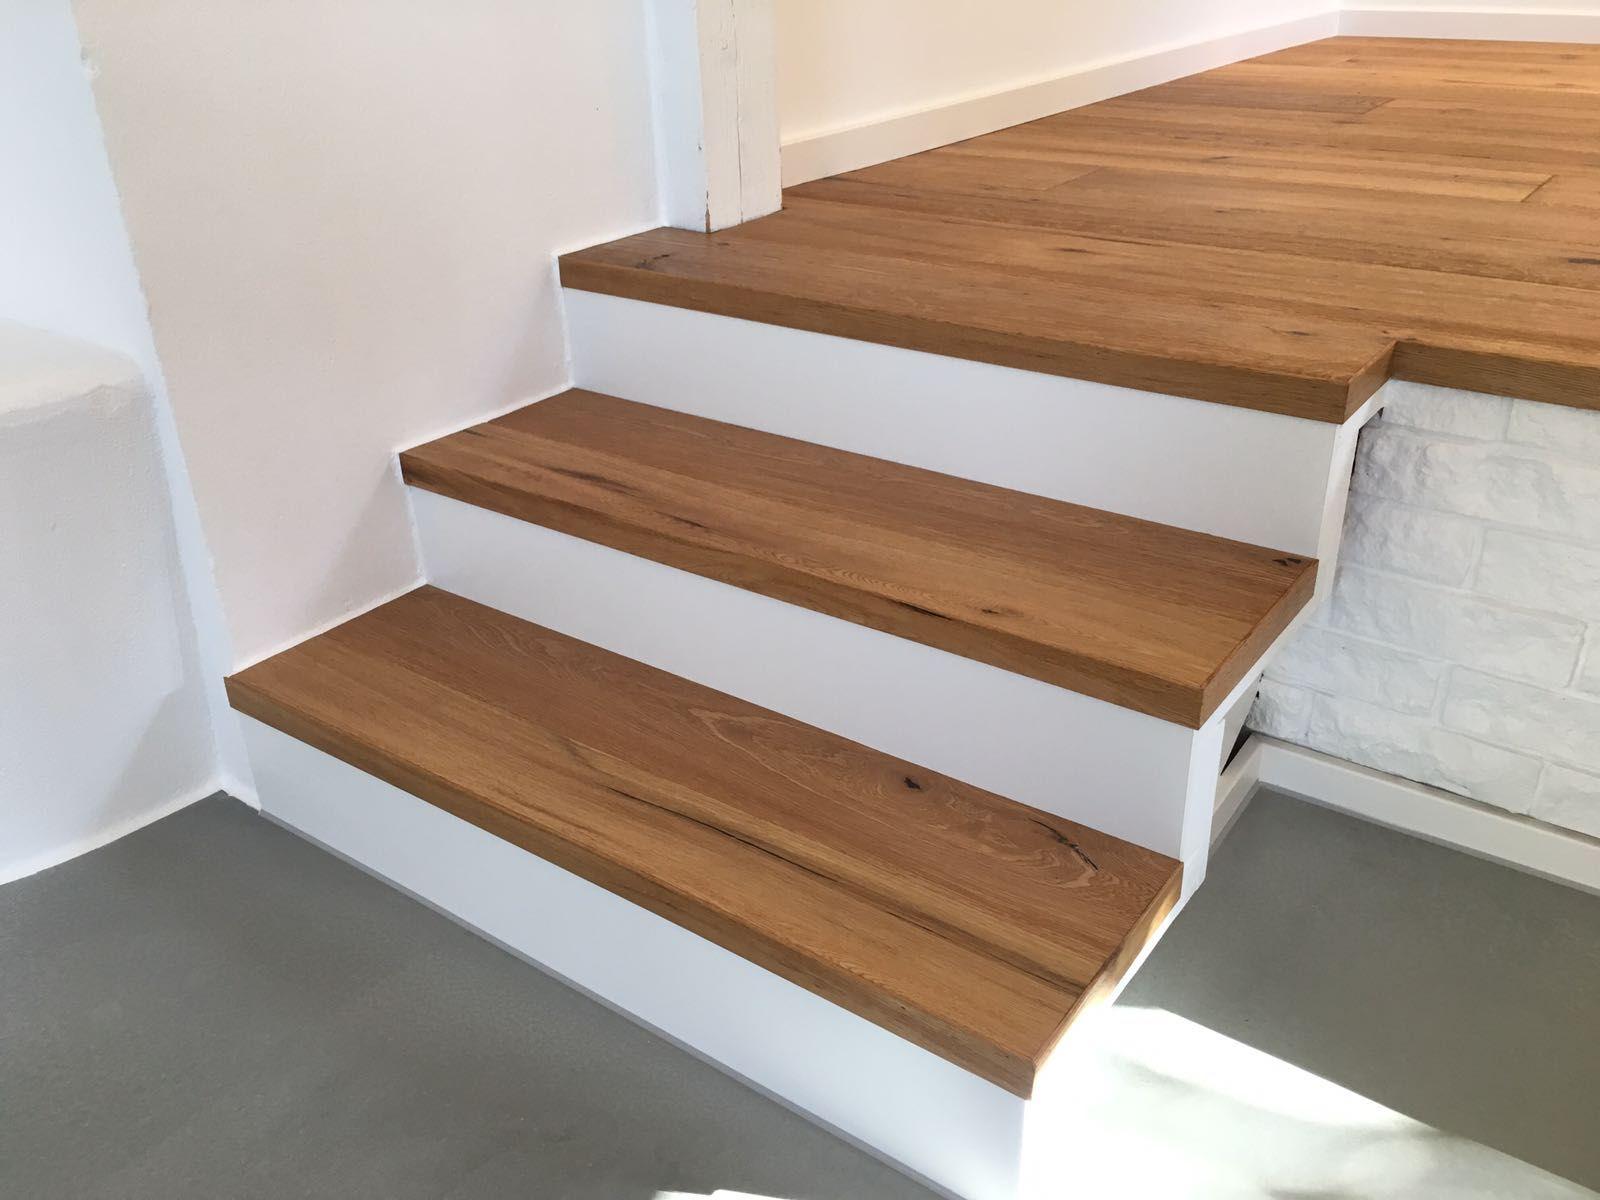 beton #treppe #eiche #eiche geölt #bodenbeschichtung #d&w #holz